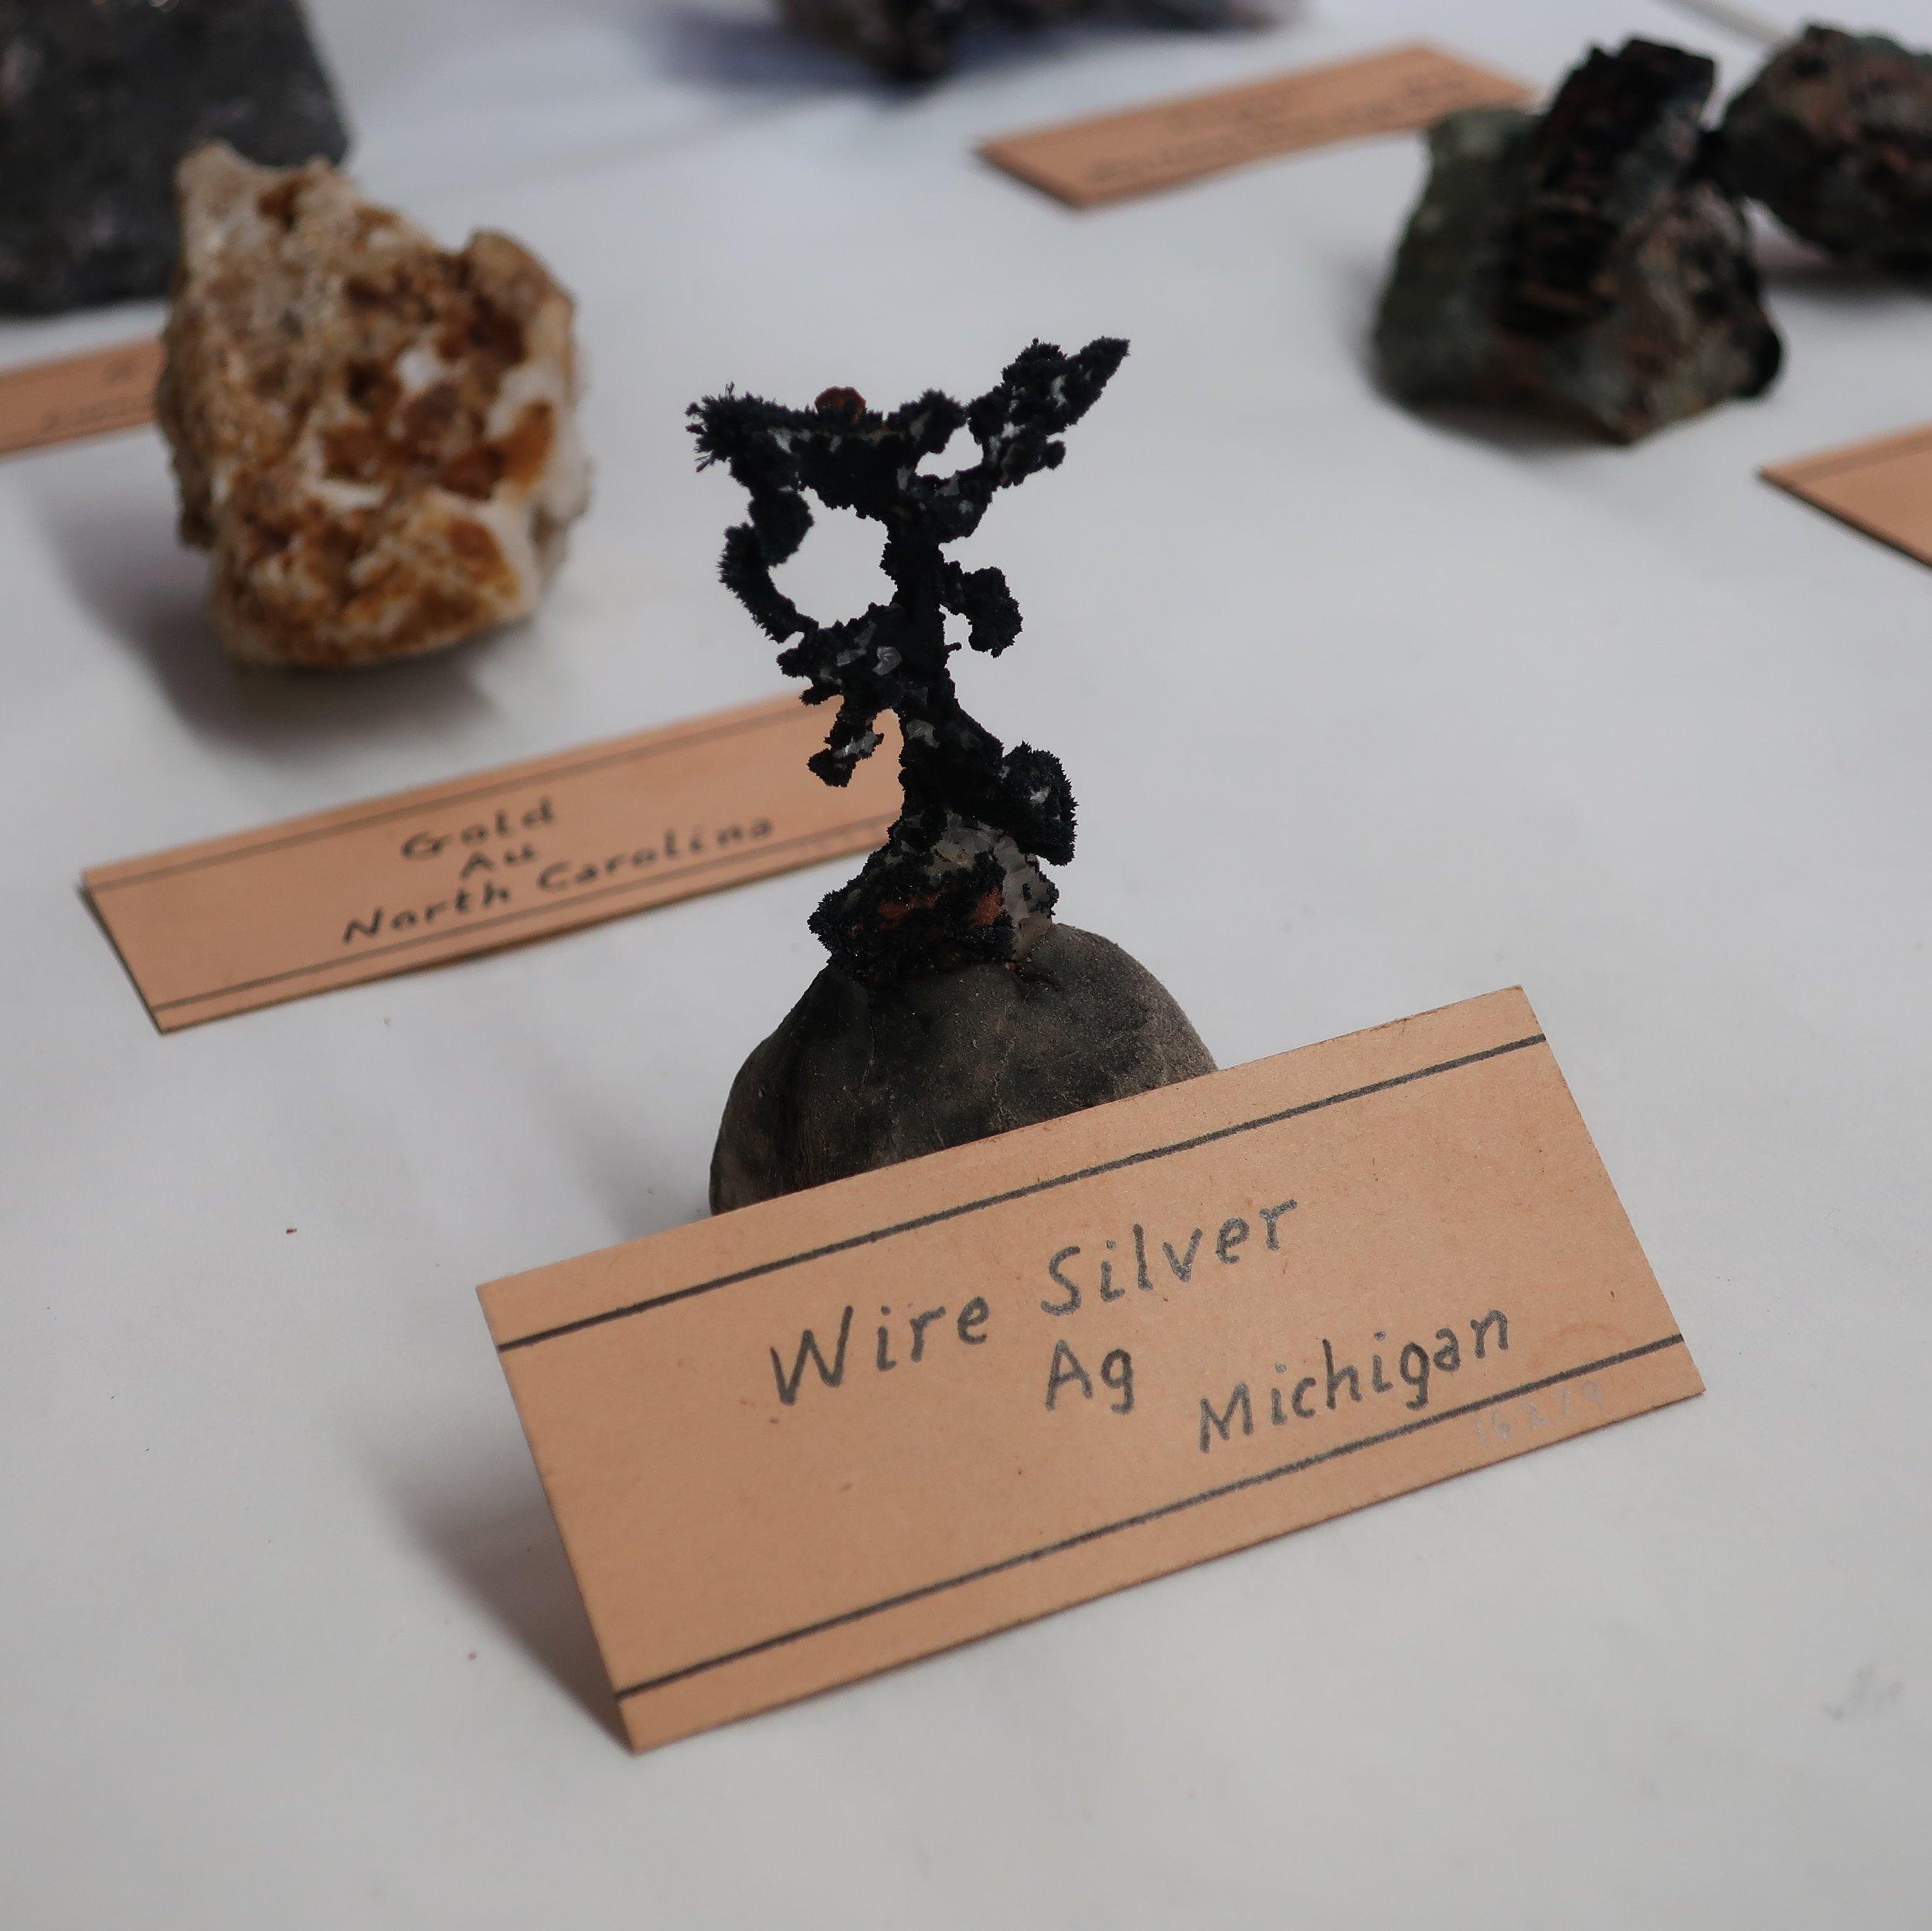 Wire Silver.jpg